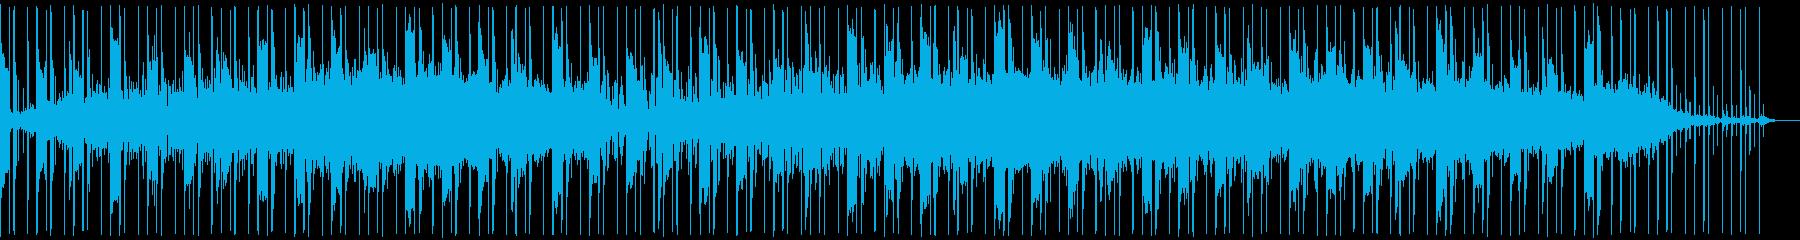 法人 技術的な 説明的 静か クー...の再生済みの波形